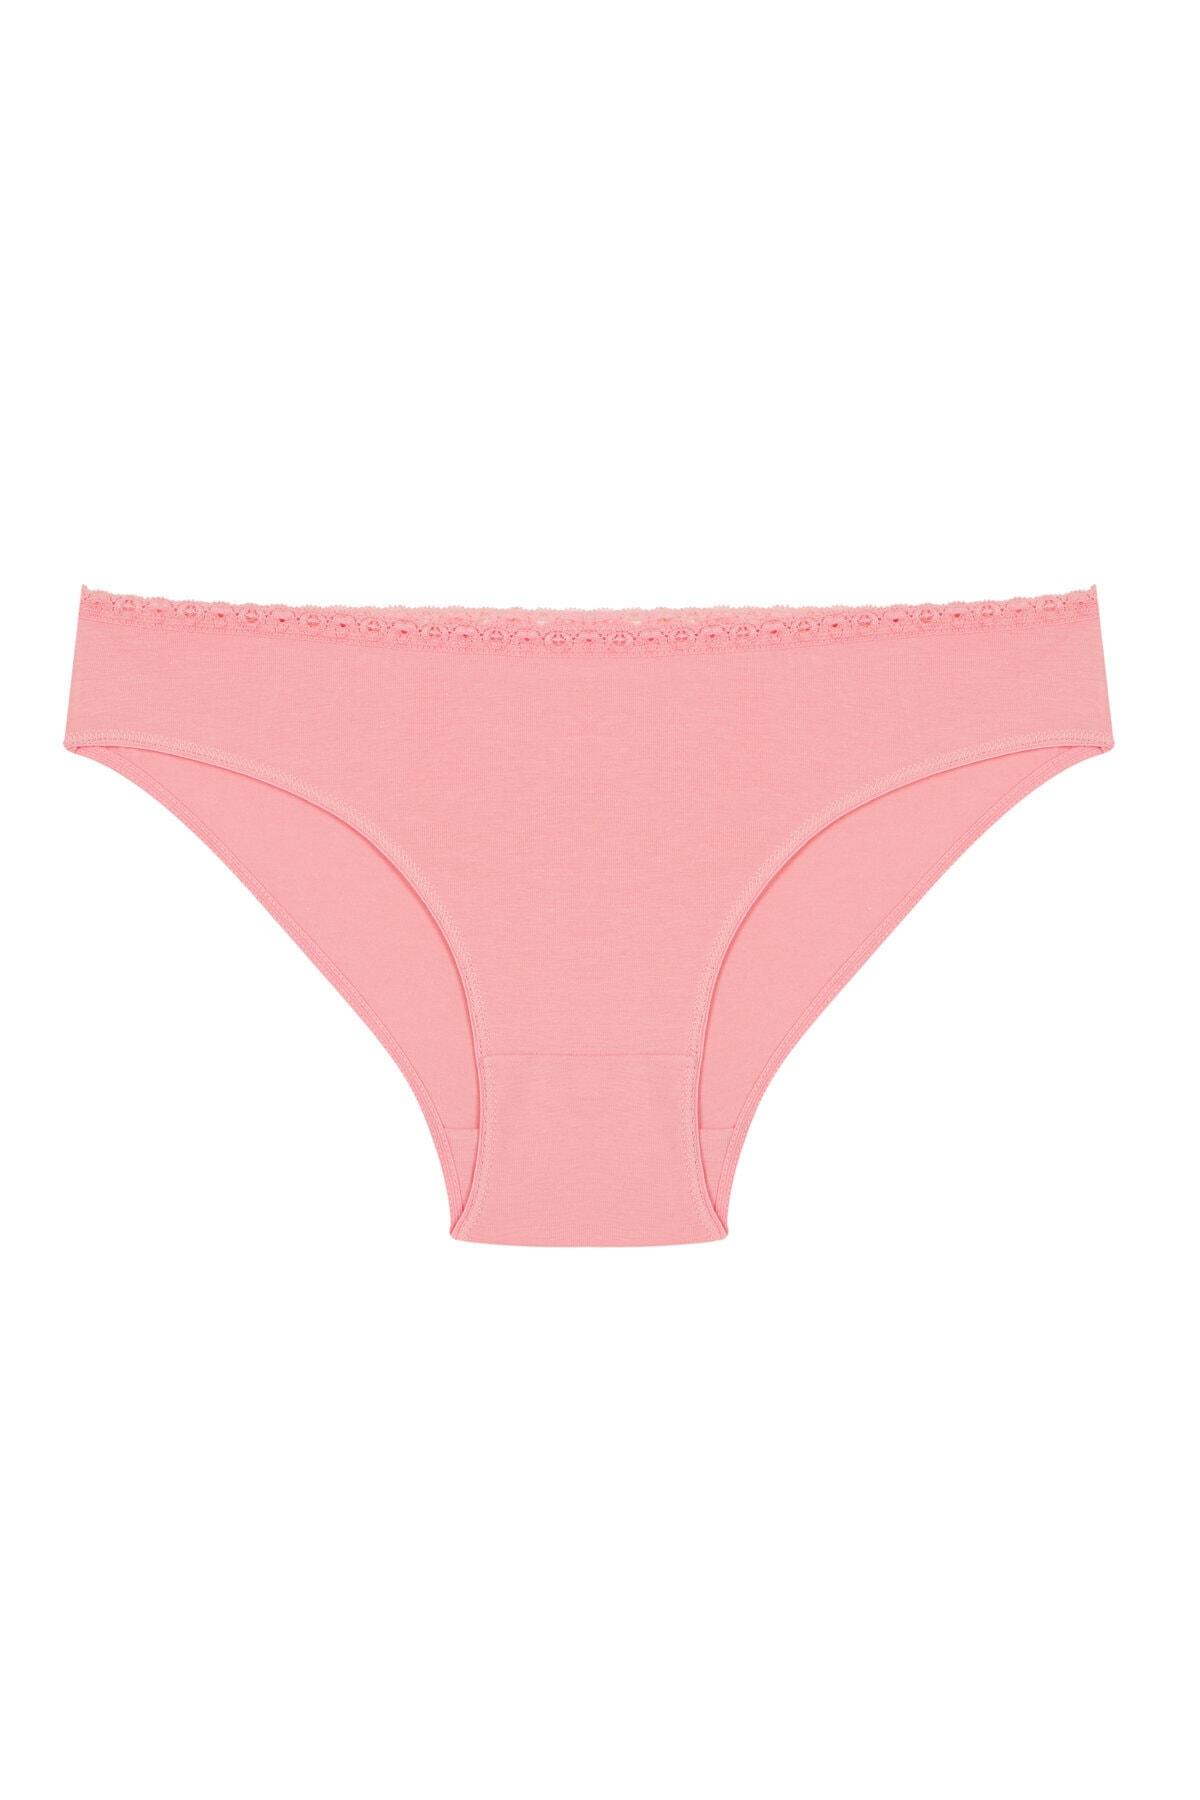 Penti Kadın Çok Renkli Peony 5'li Slip 1